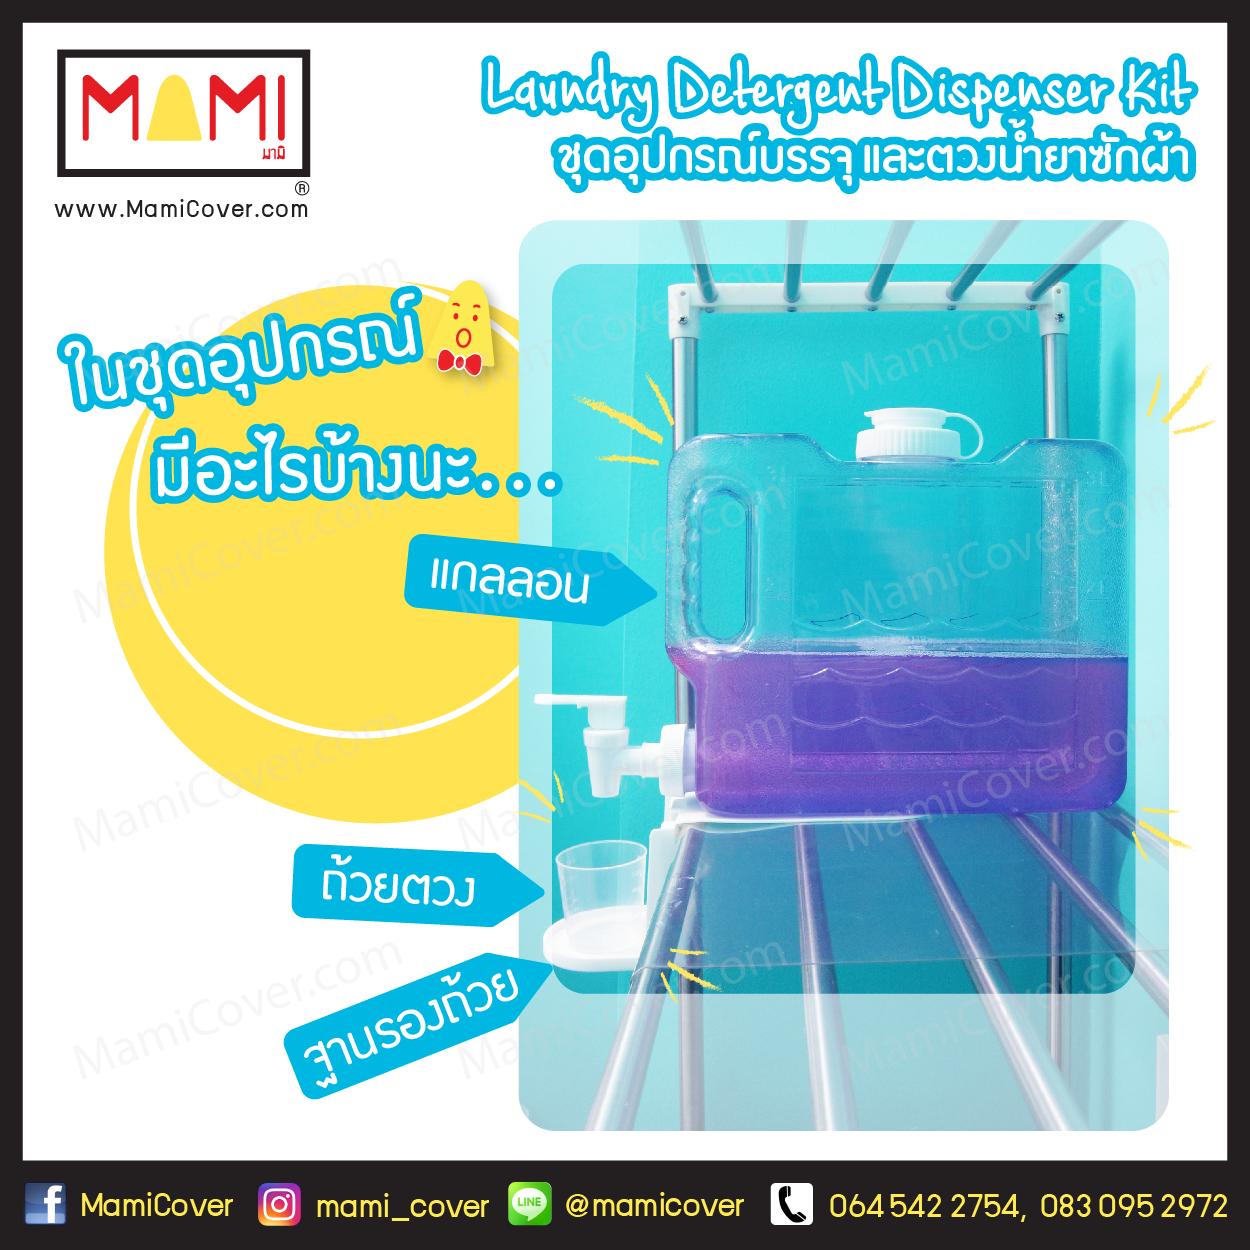 ชุดอุปกรณ์บรรจุ และตวงน้ำยาซักผ้า Laundry Detergent Dispenser Kit